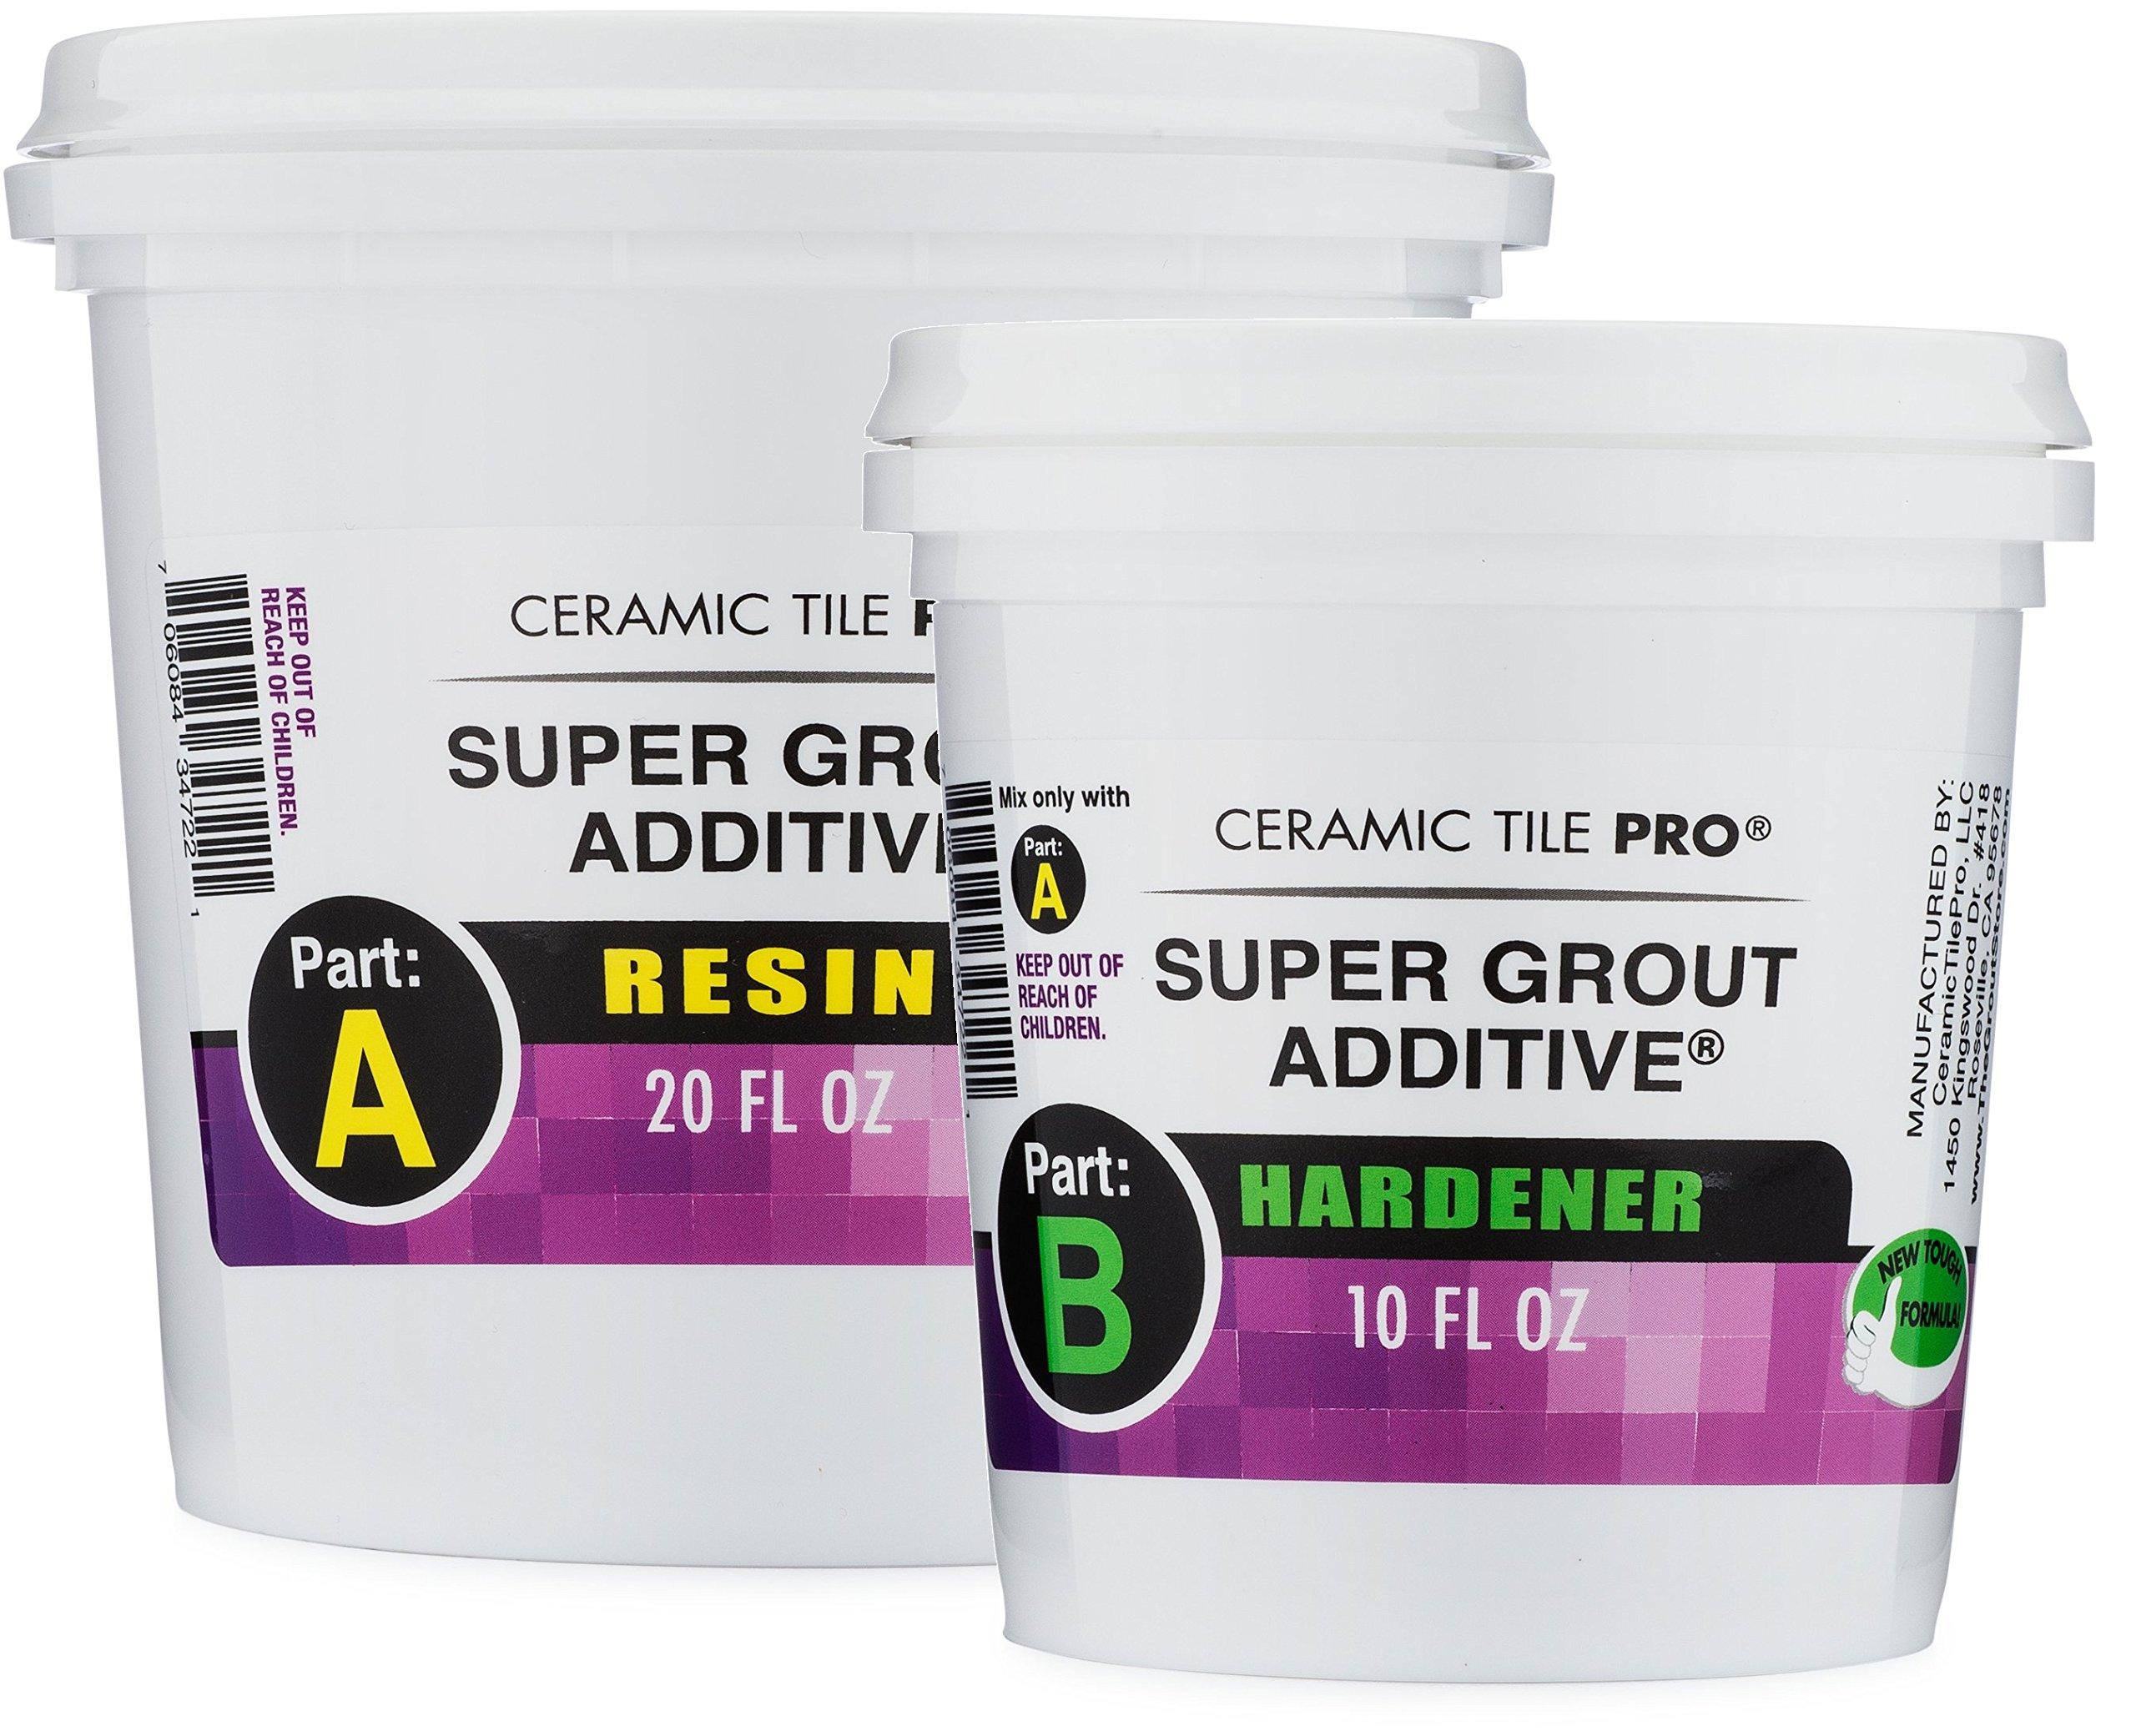 Ceramic Tile Pro Super Grout Additive Shower Floor Kit